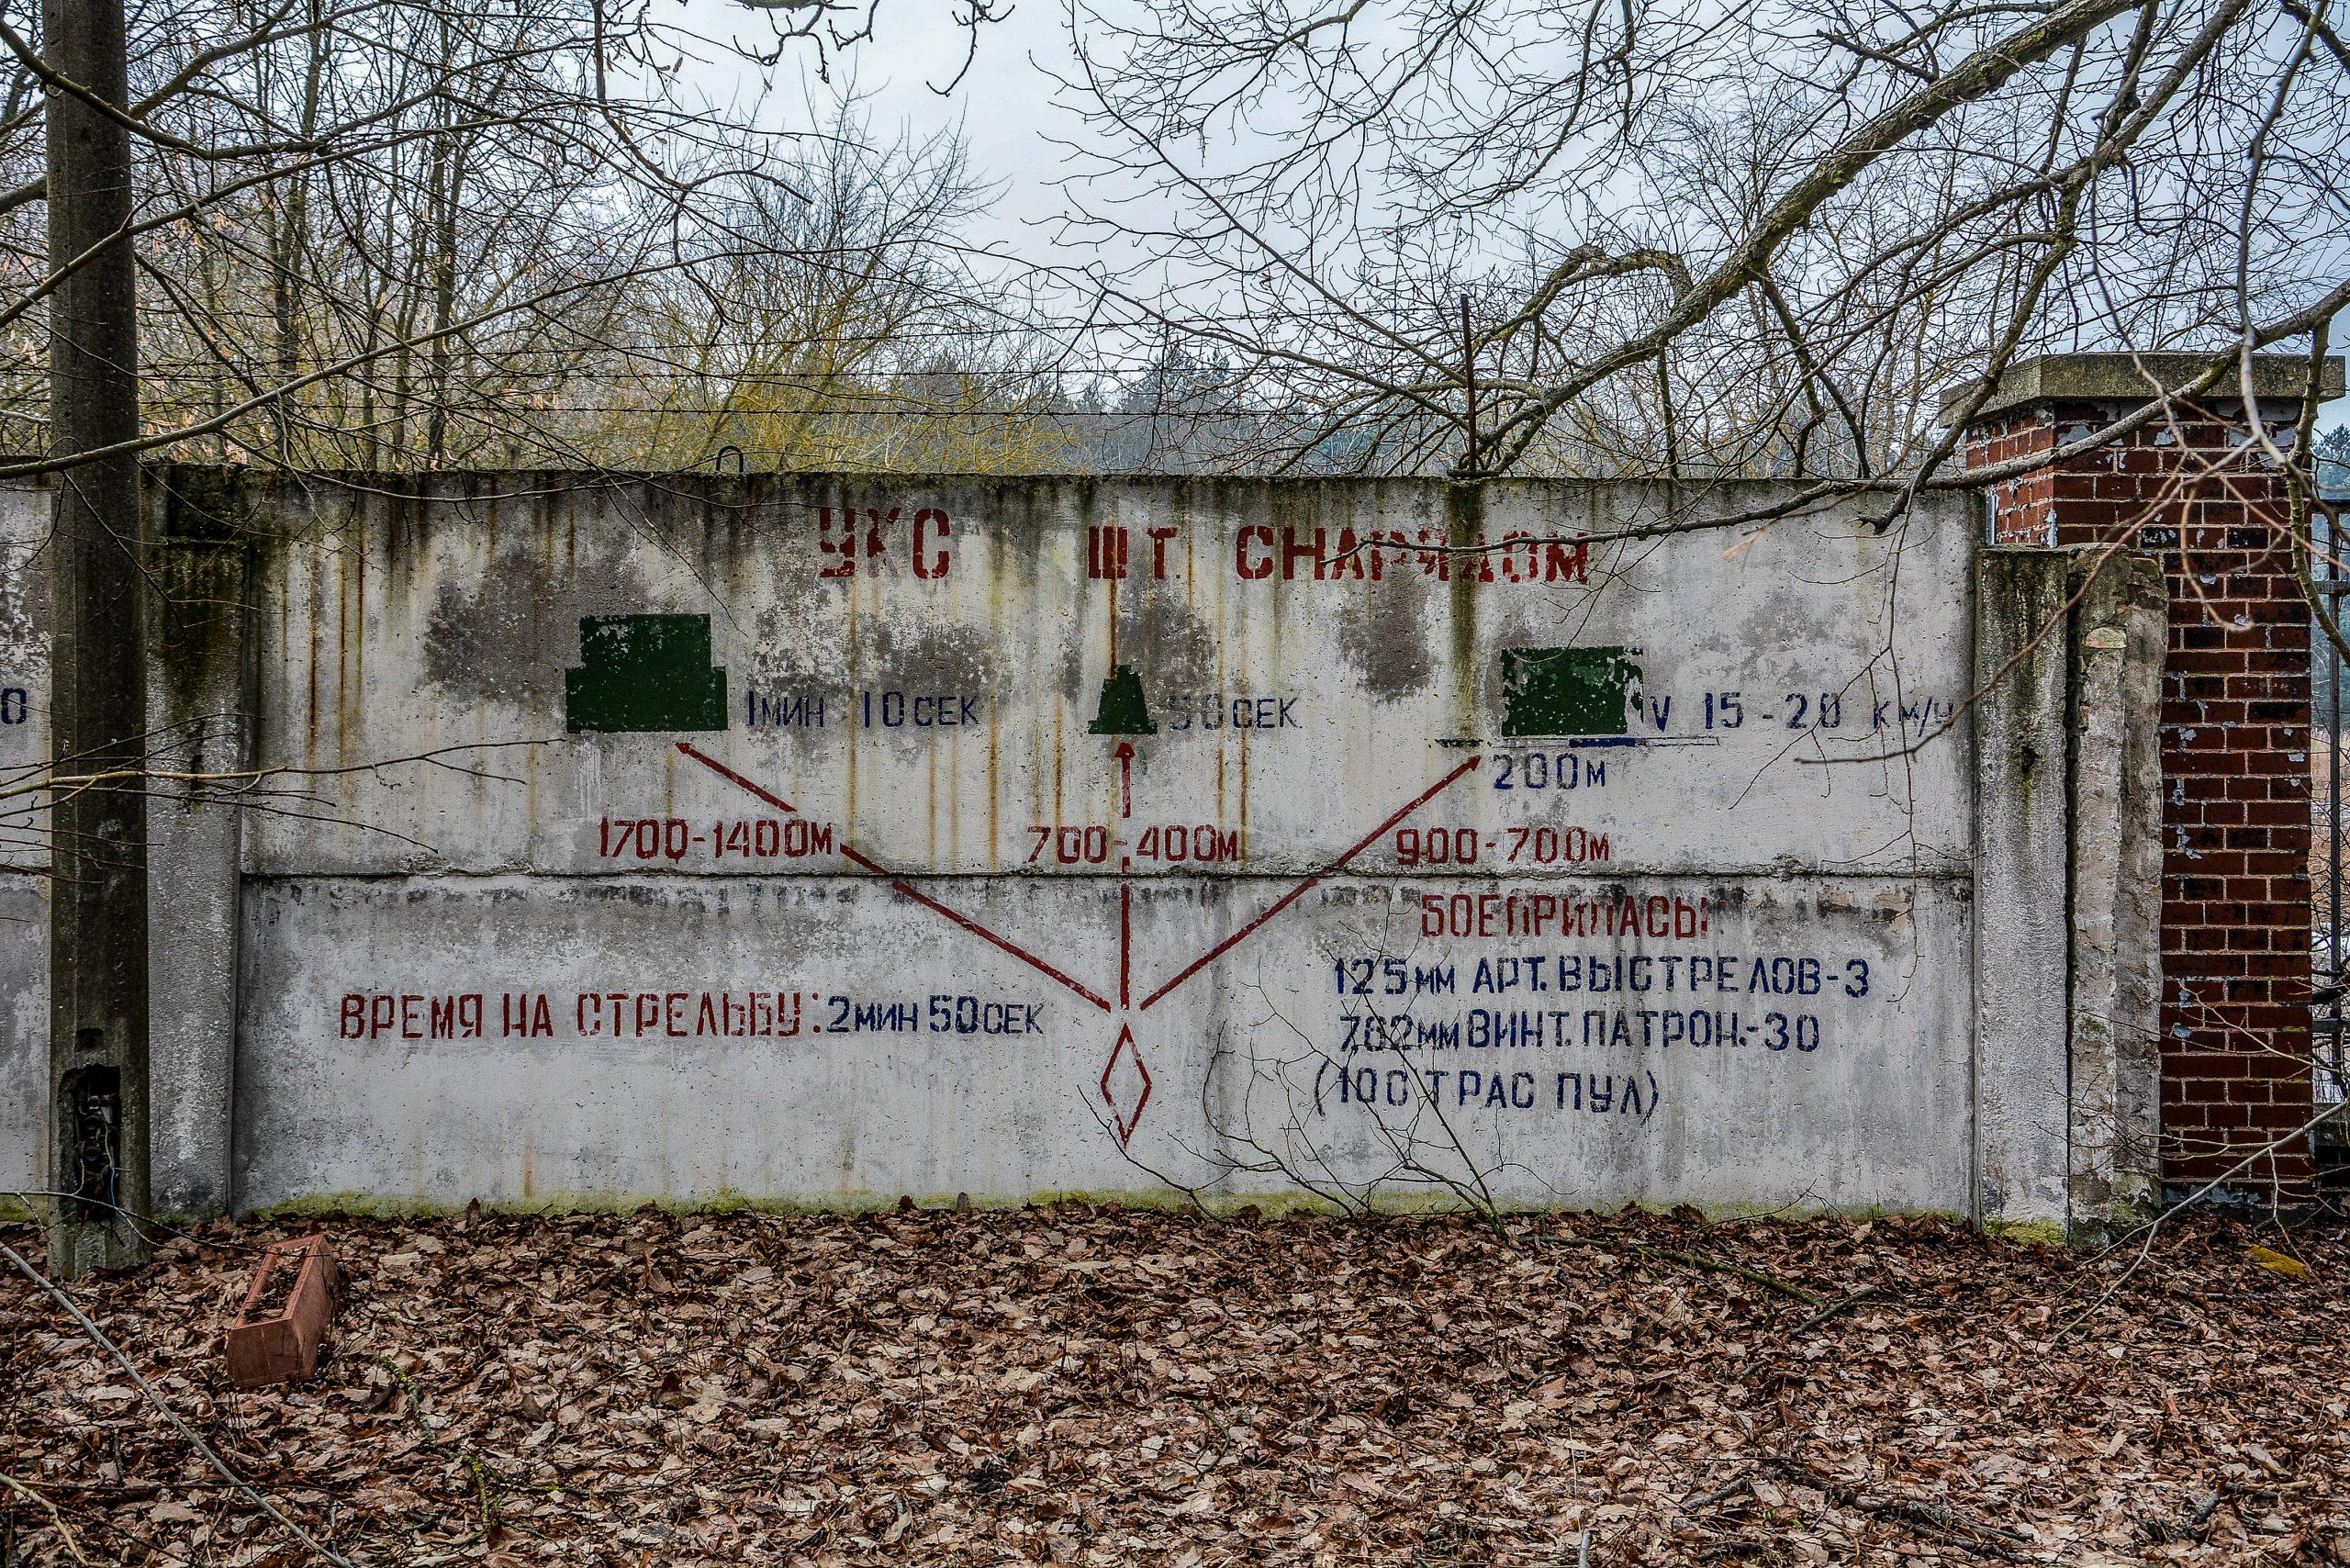 soviet wall map sowjet wand karte forst zinna adolf hitler lager luckenwalde juterbog sowjet kaserne soviet military barracks germany lost places urbex abandoned